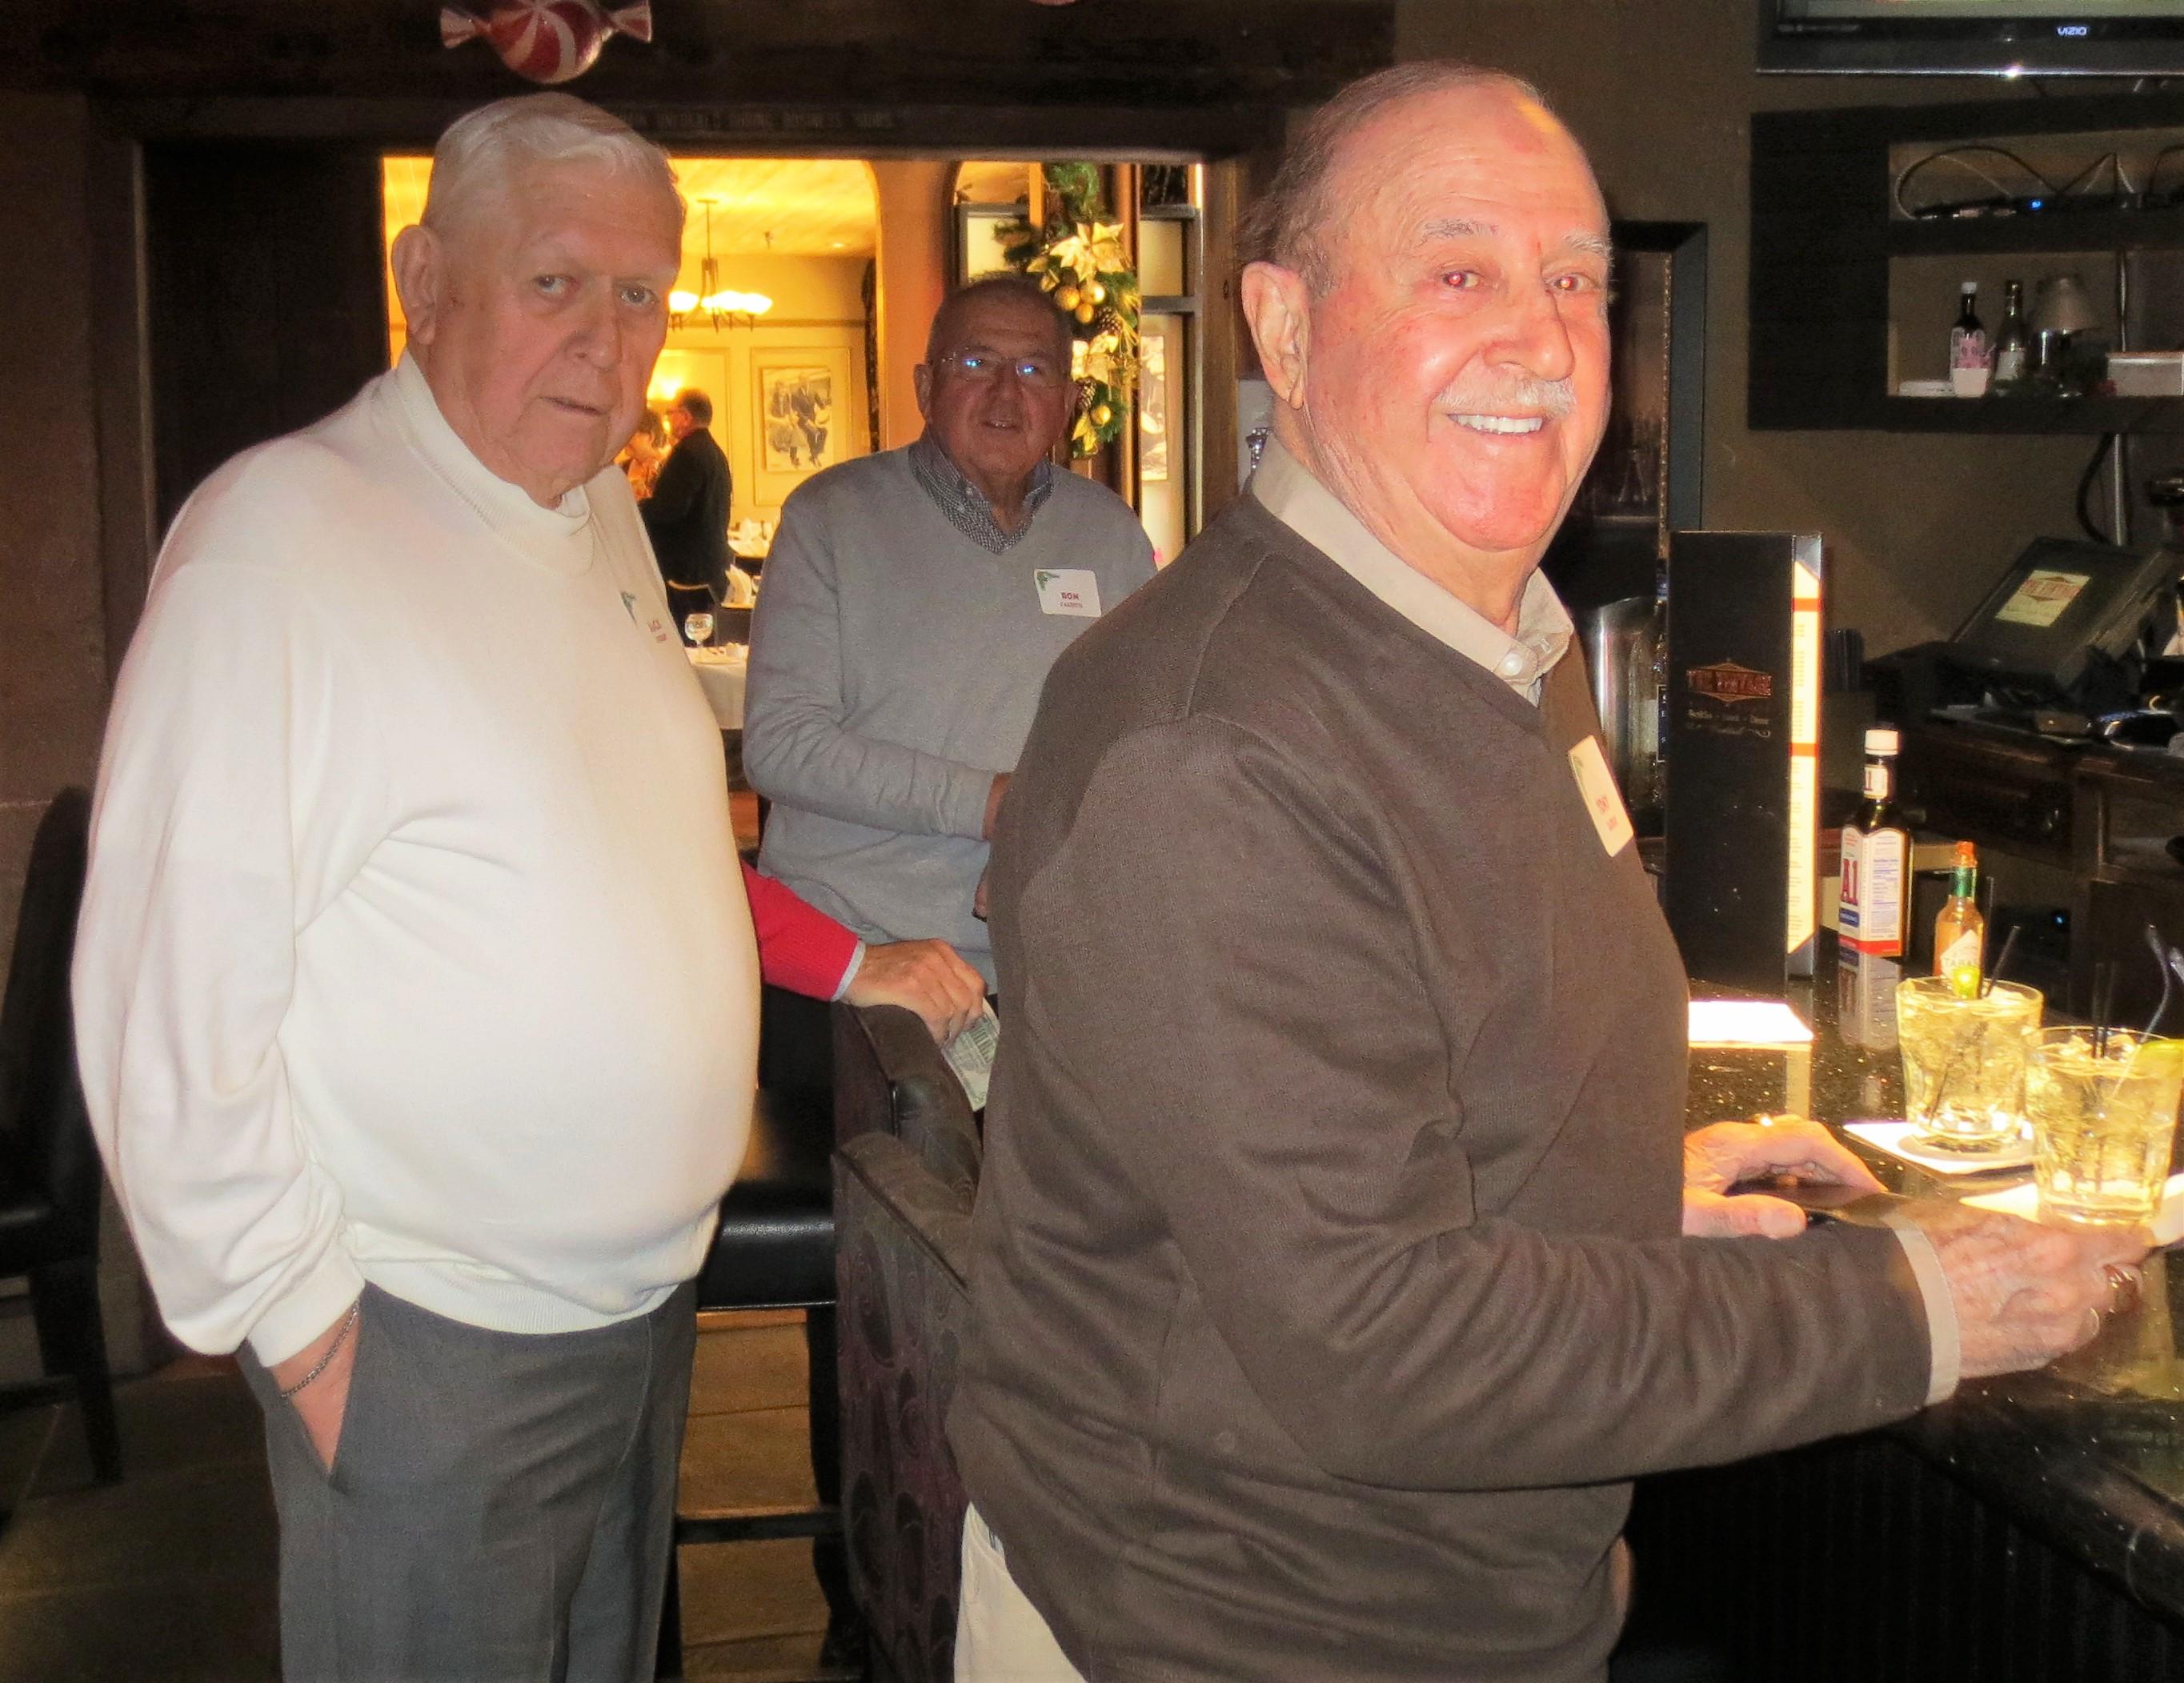 Jack Siebert, Ron Salzetti and Tony  Zarifis